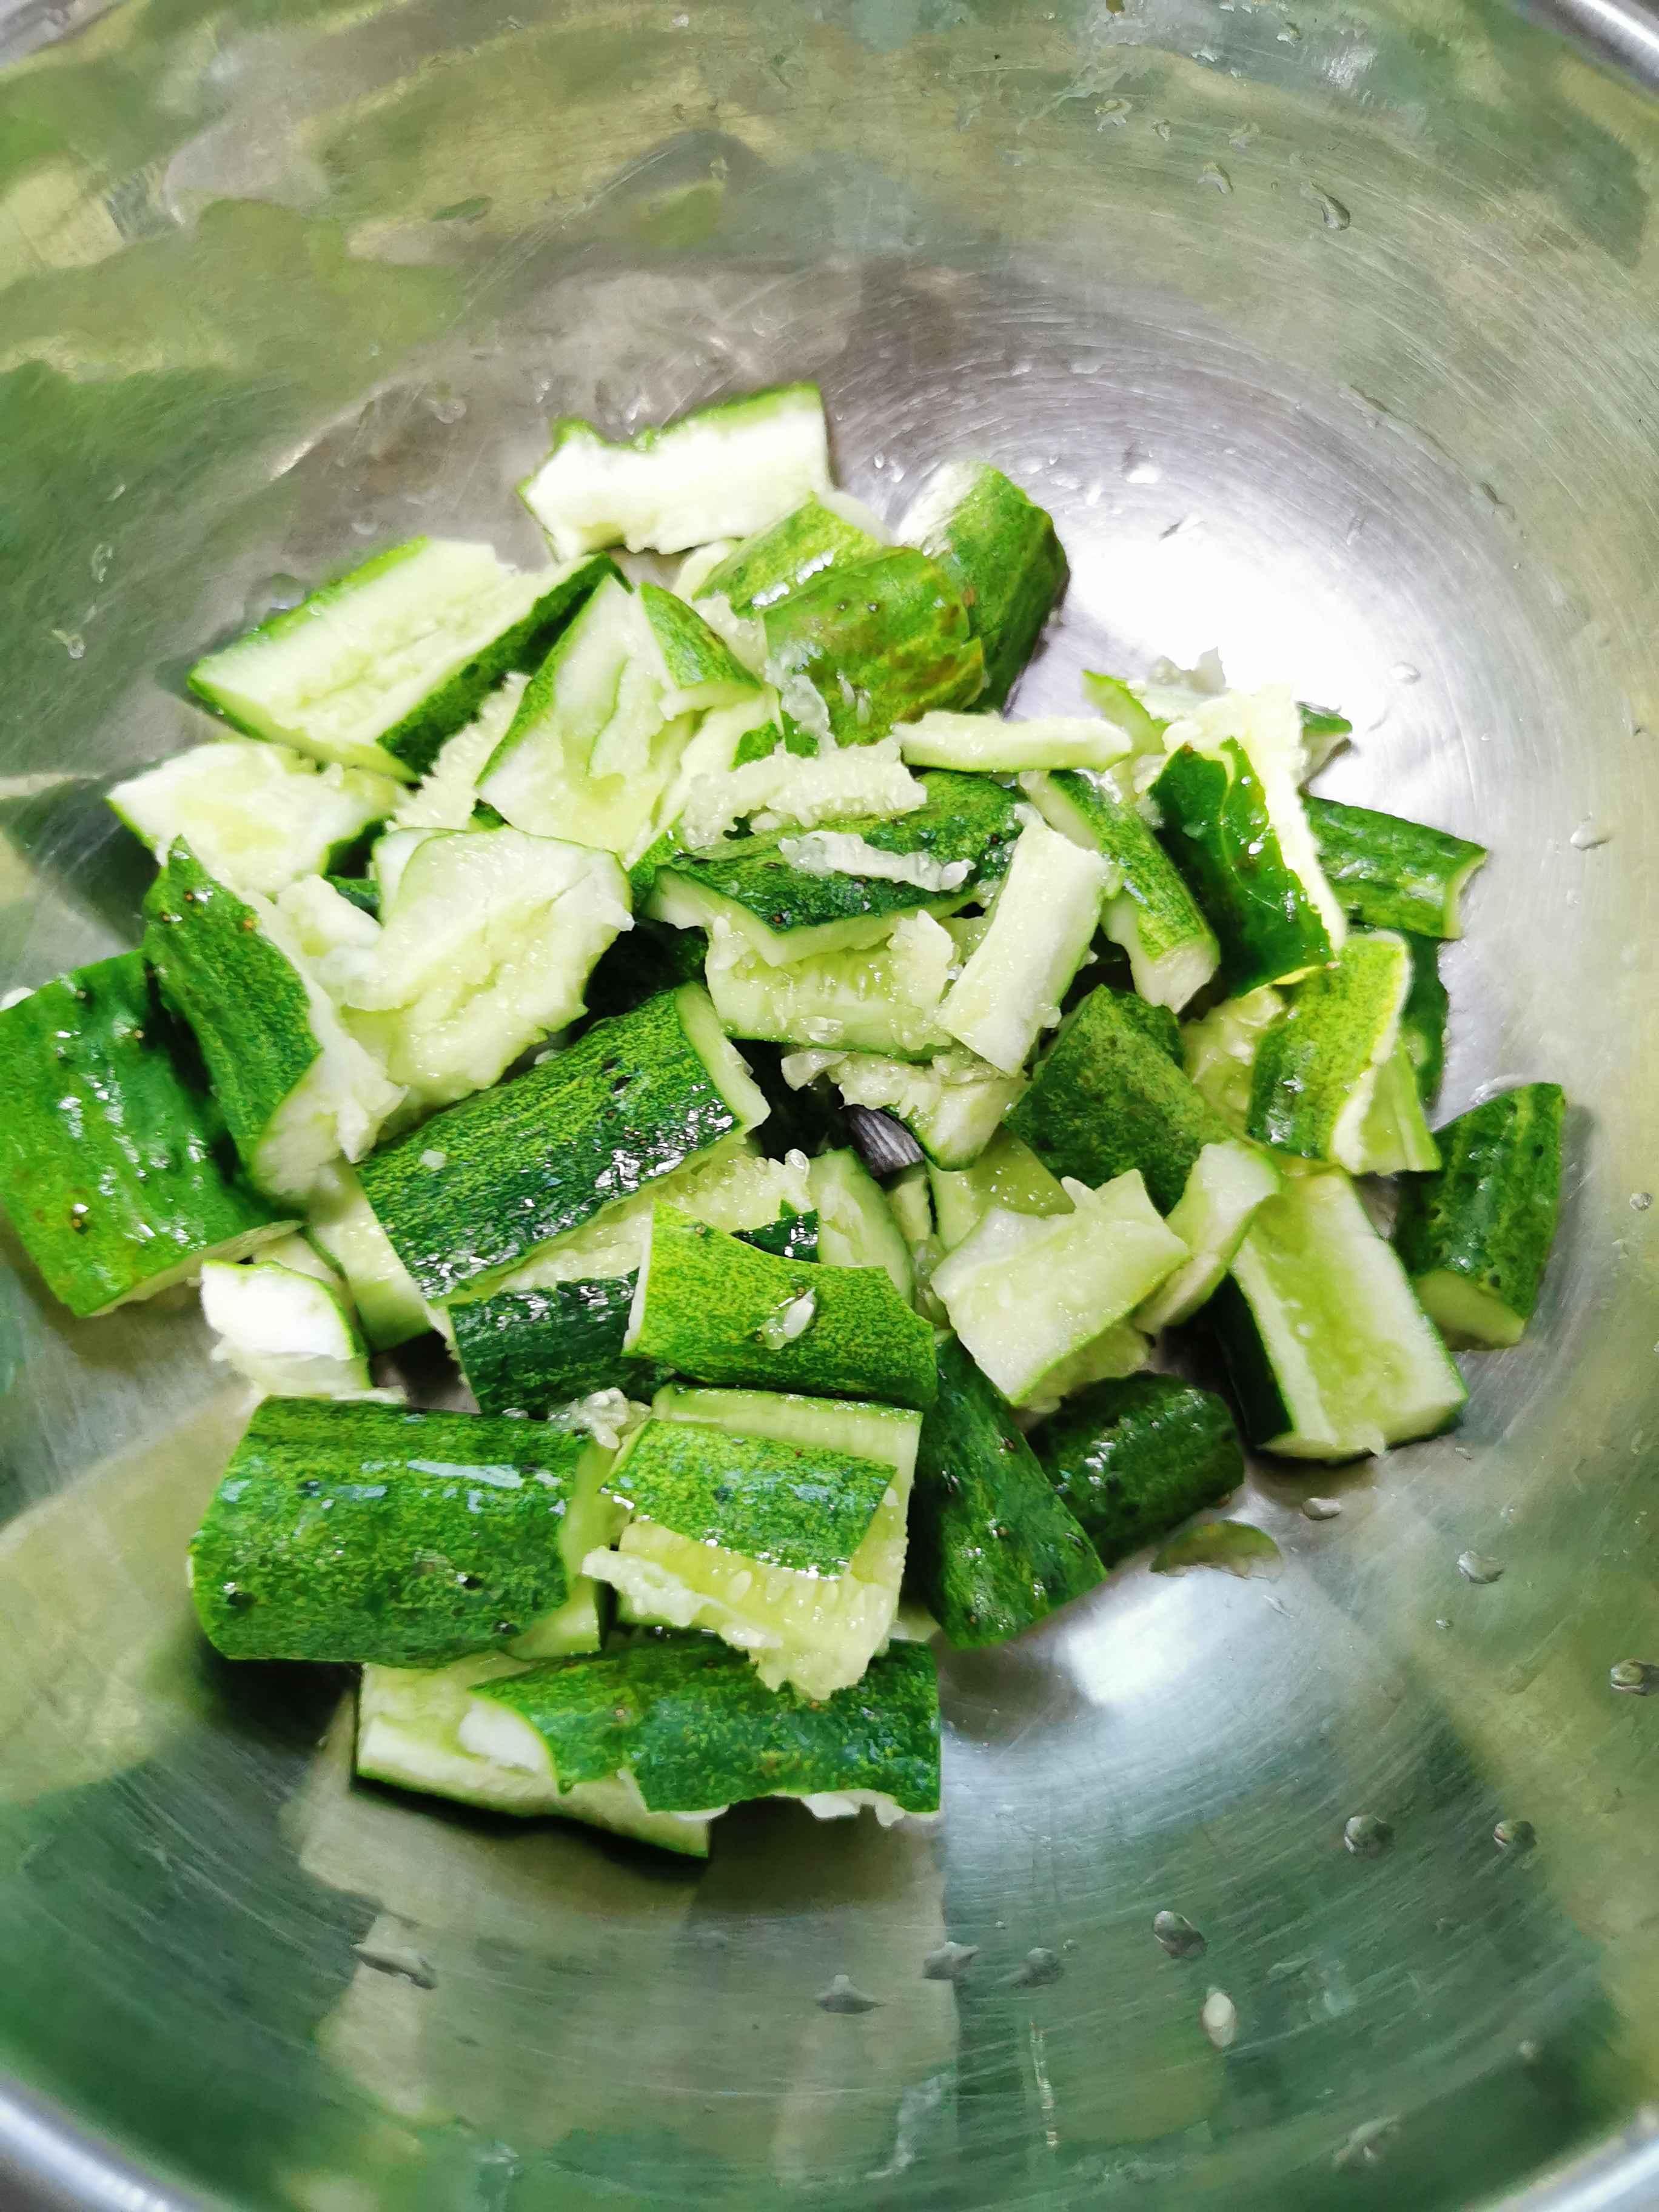 清拌黄瓜的做法图解